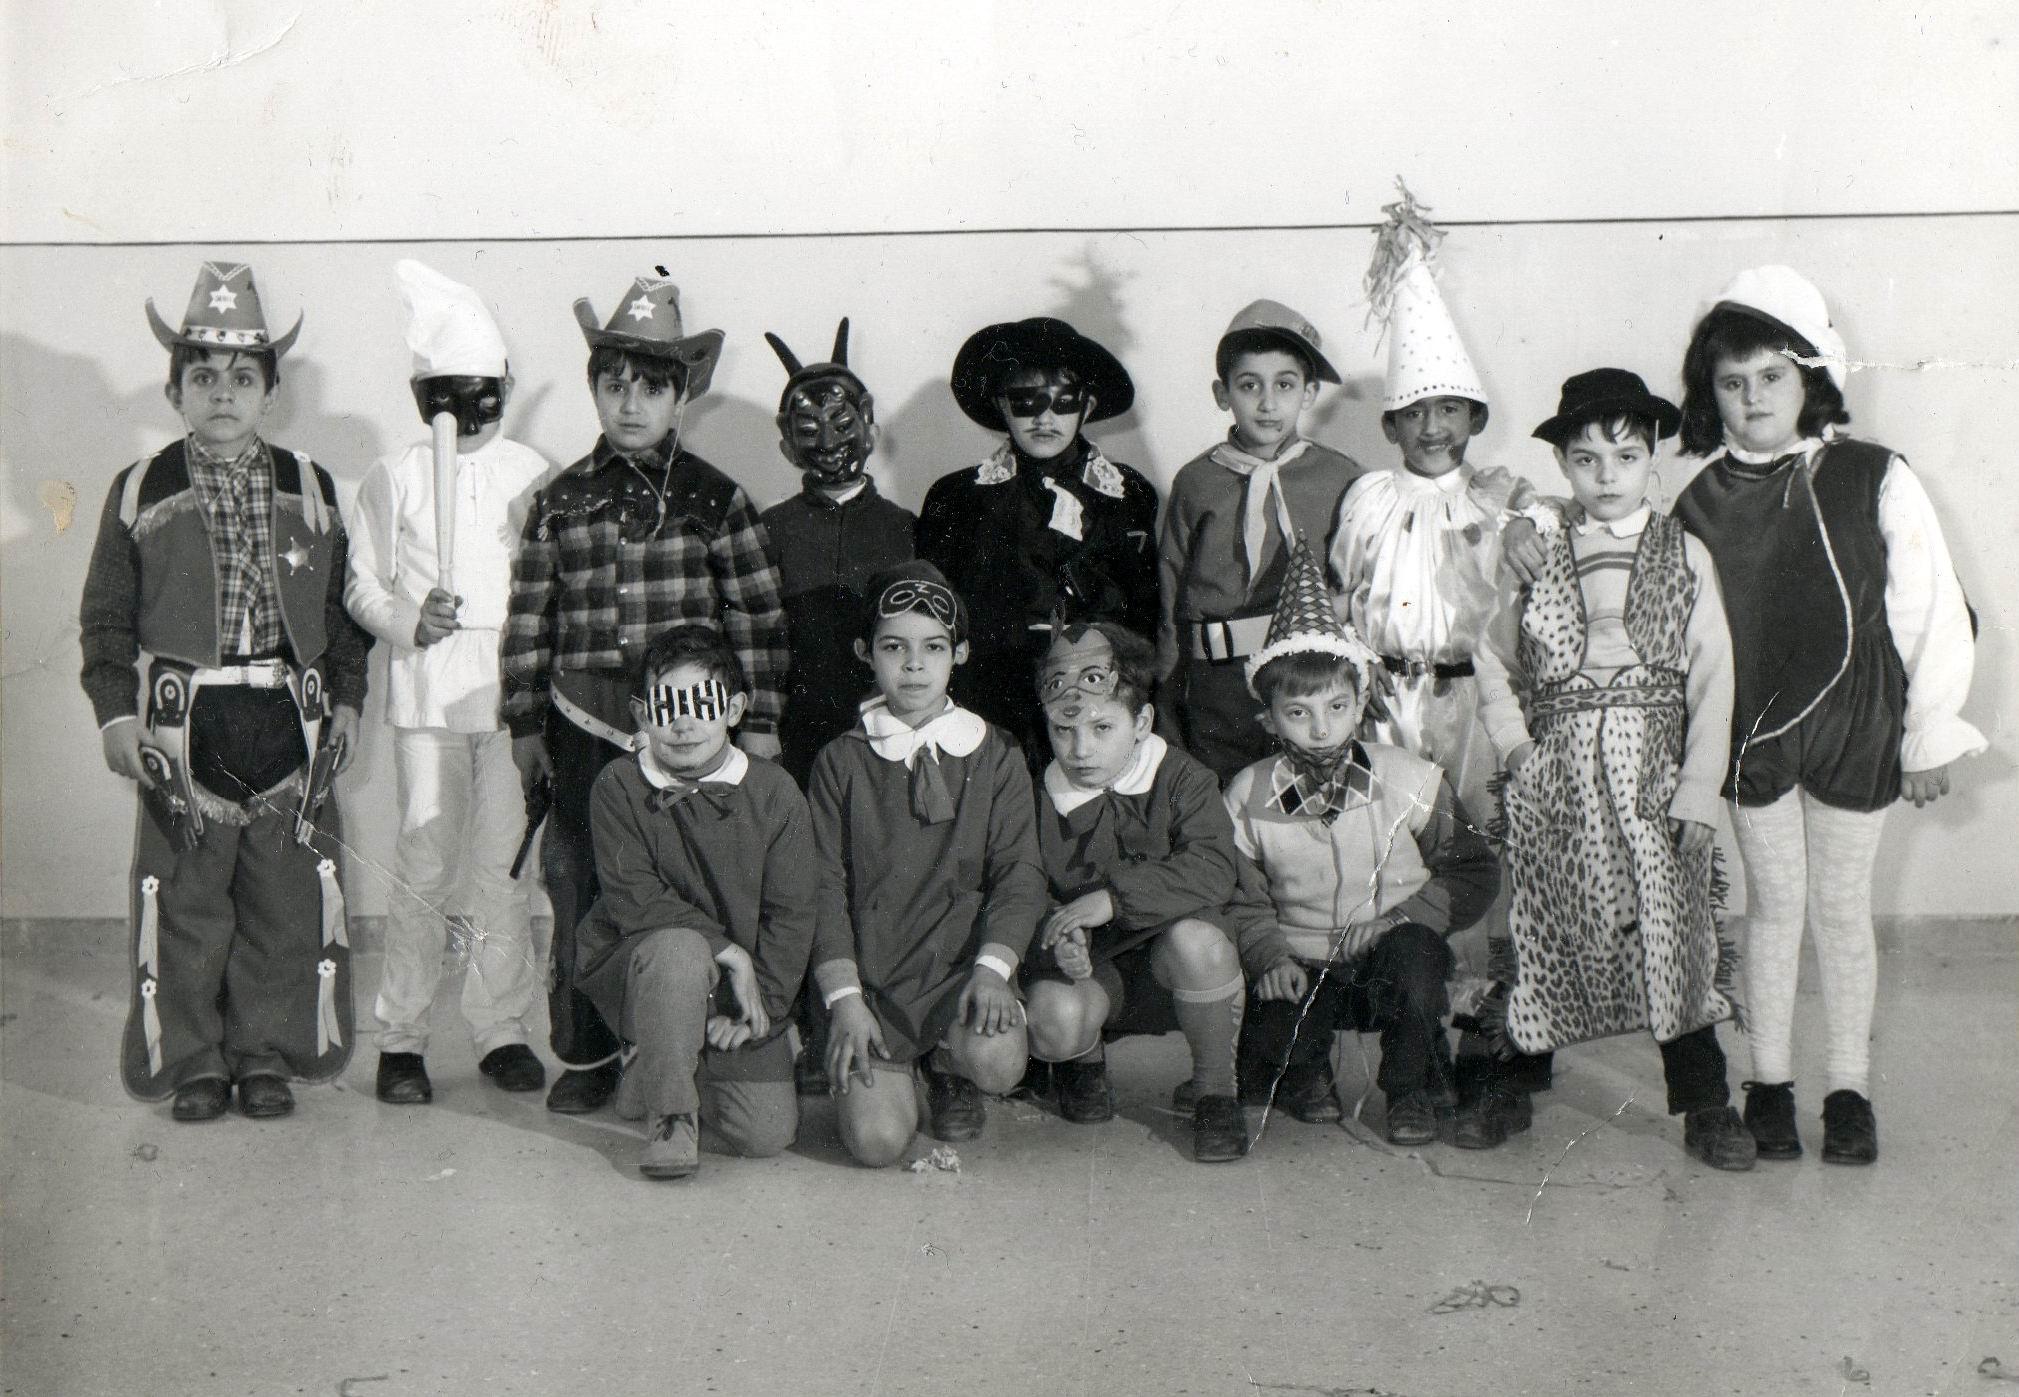 Castellammare di Stabia: Carnevale anno 1970